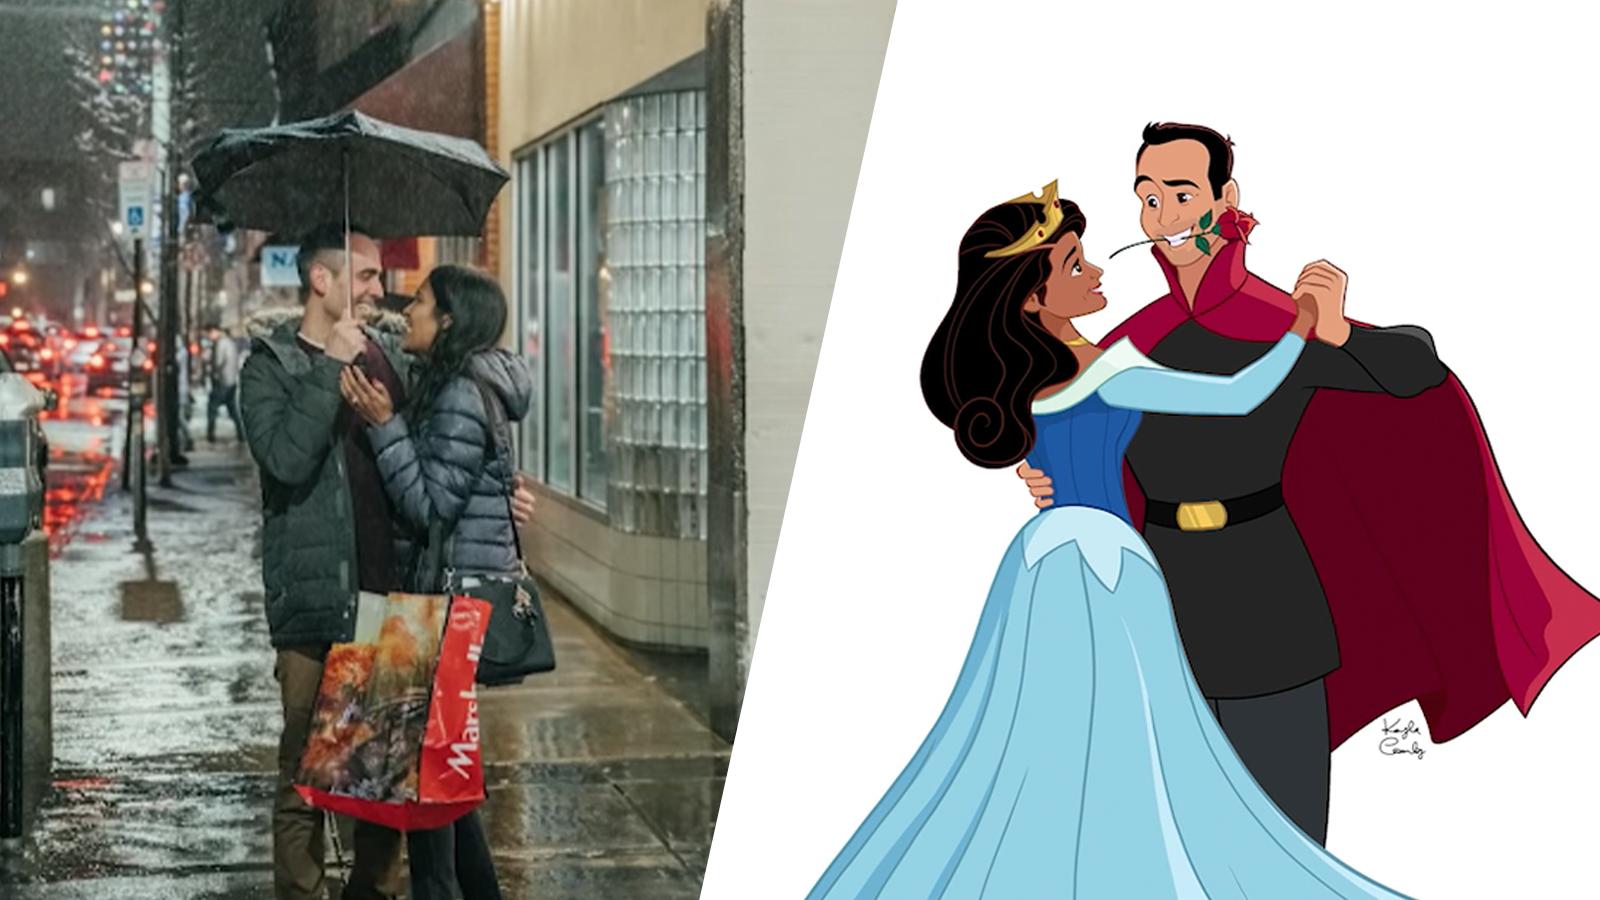 عرض الزواج المستوحى من قصة الأميرة النائمة ستجعلكِ تؤمنين بالحب مرة أخرى1111!